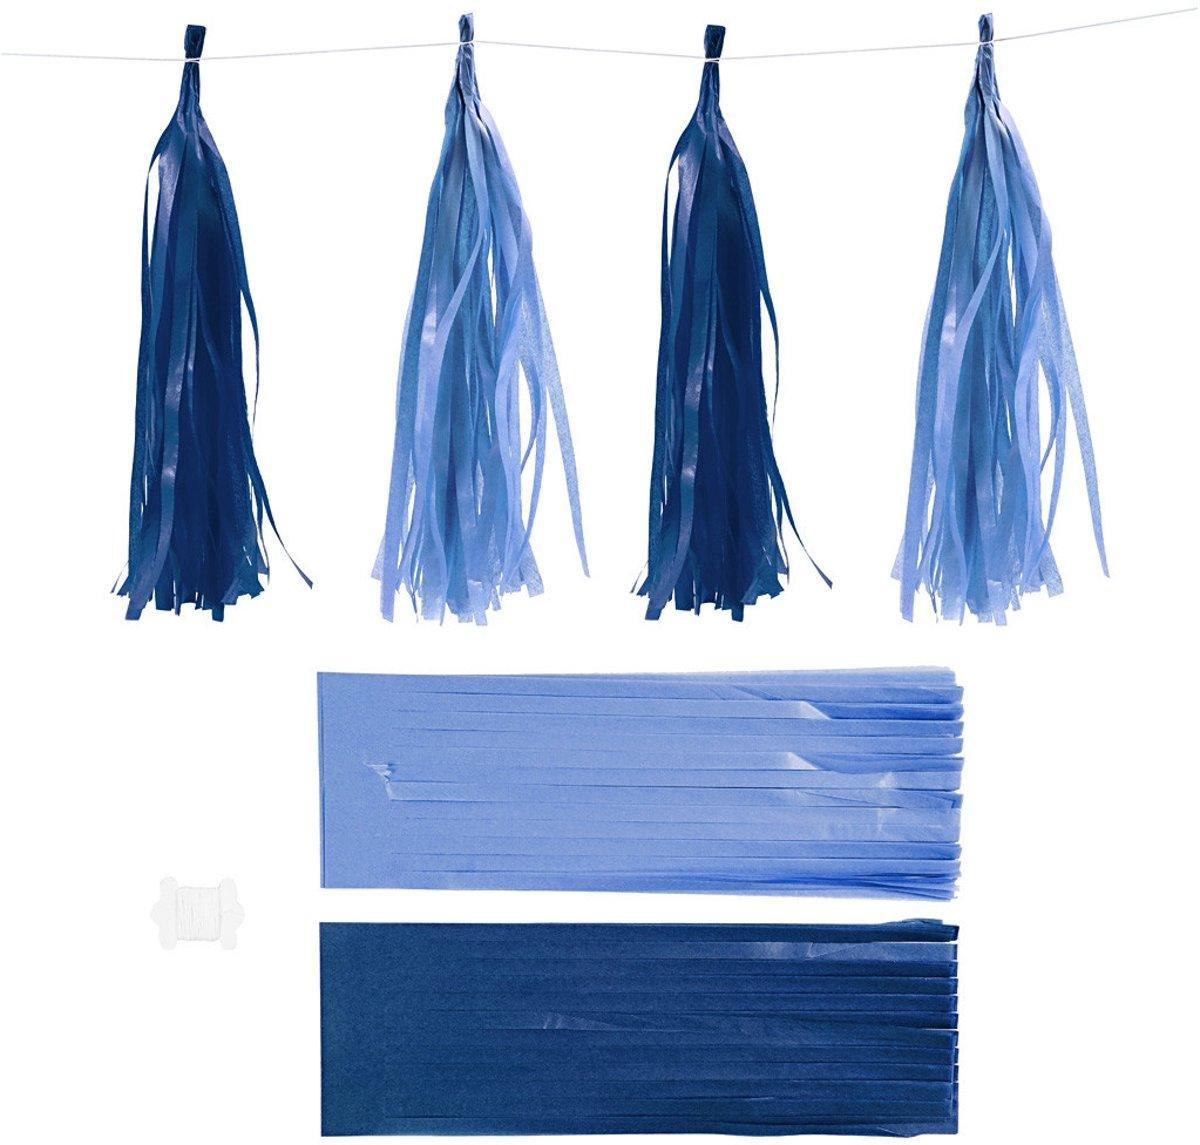 Papieren tassels, donkerblauw/lichtblauw, afm 12x35 cm,  14 gr, 12stuks [HOB-599804] kopen